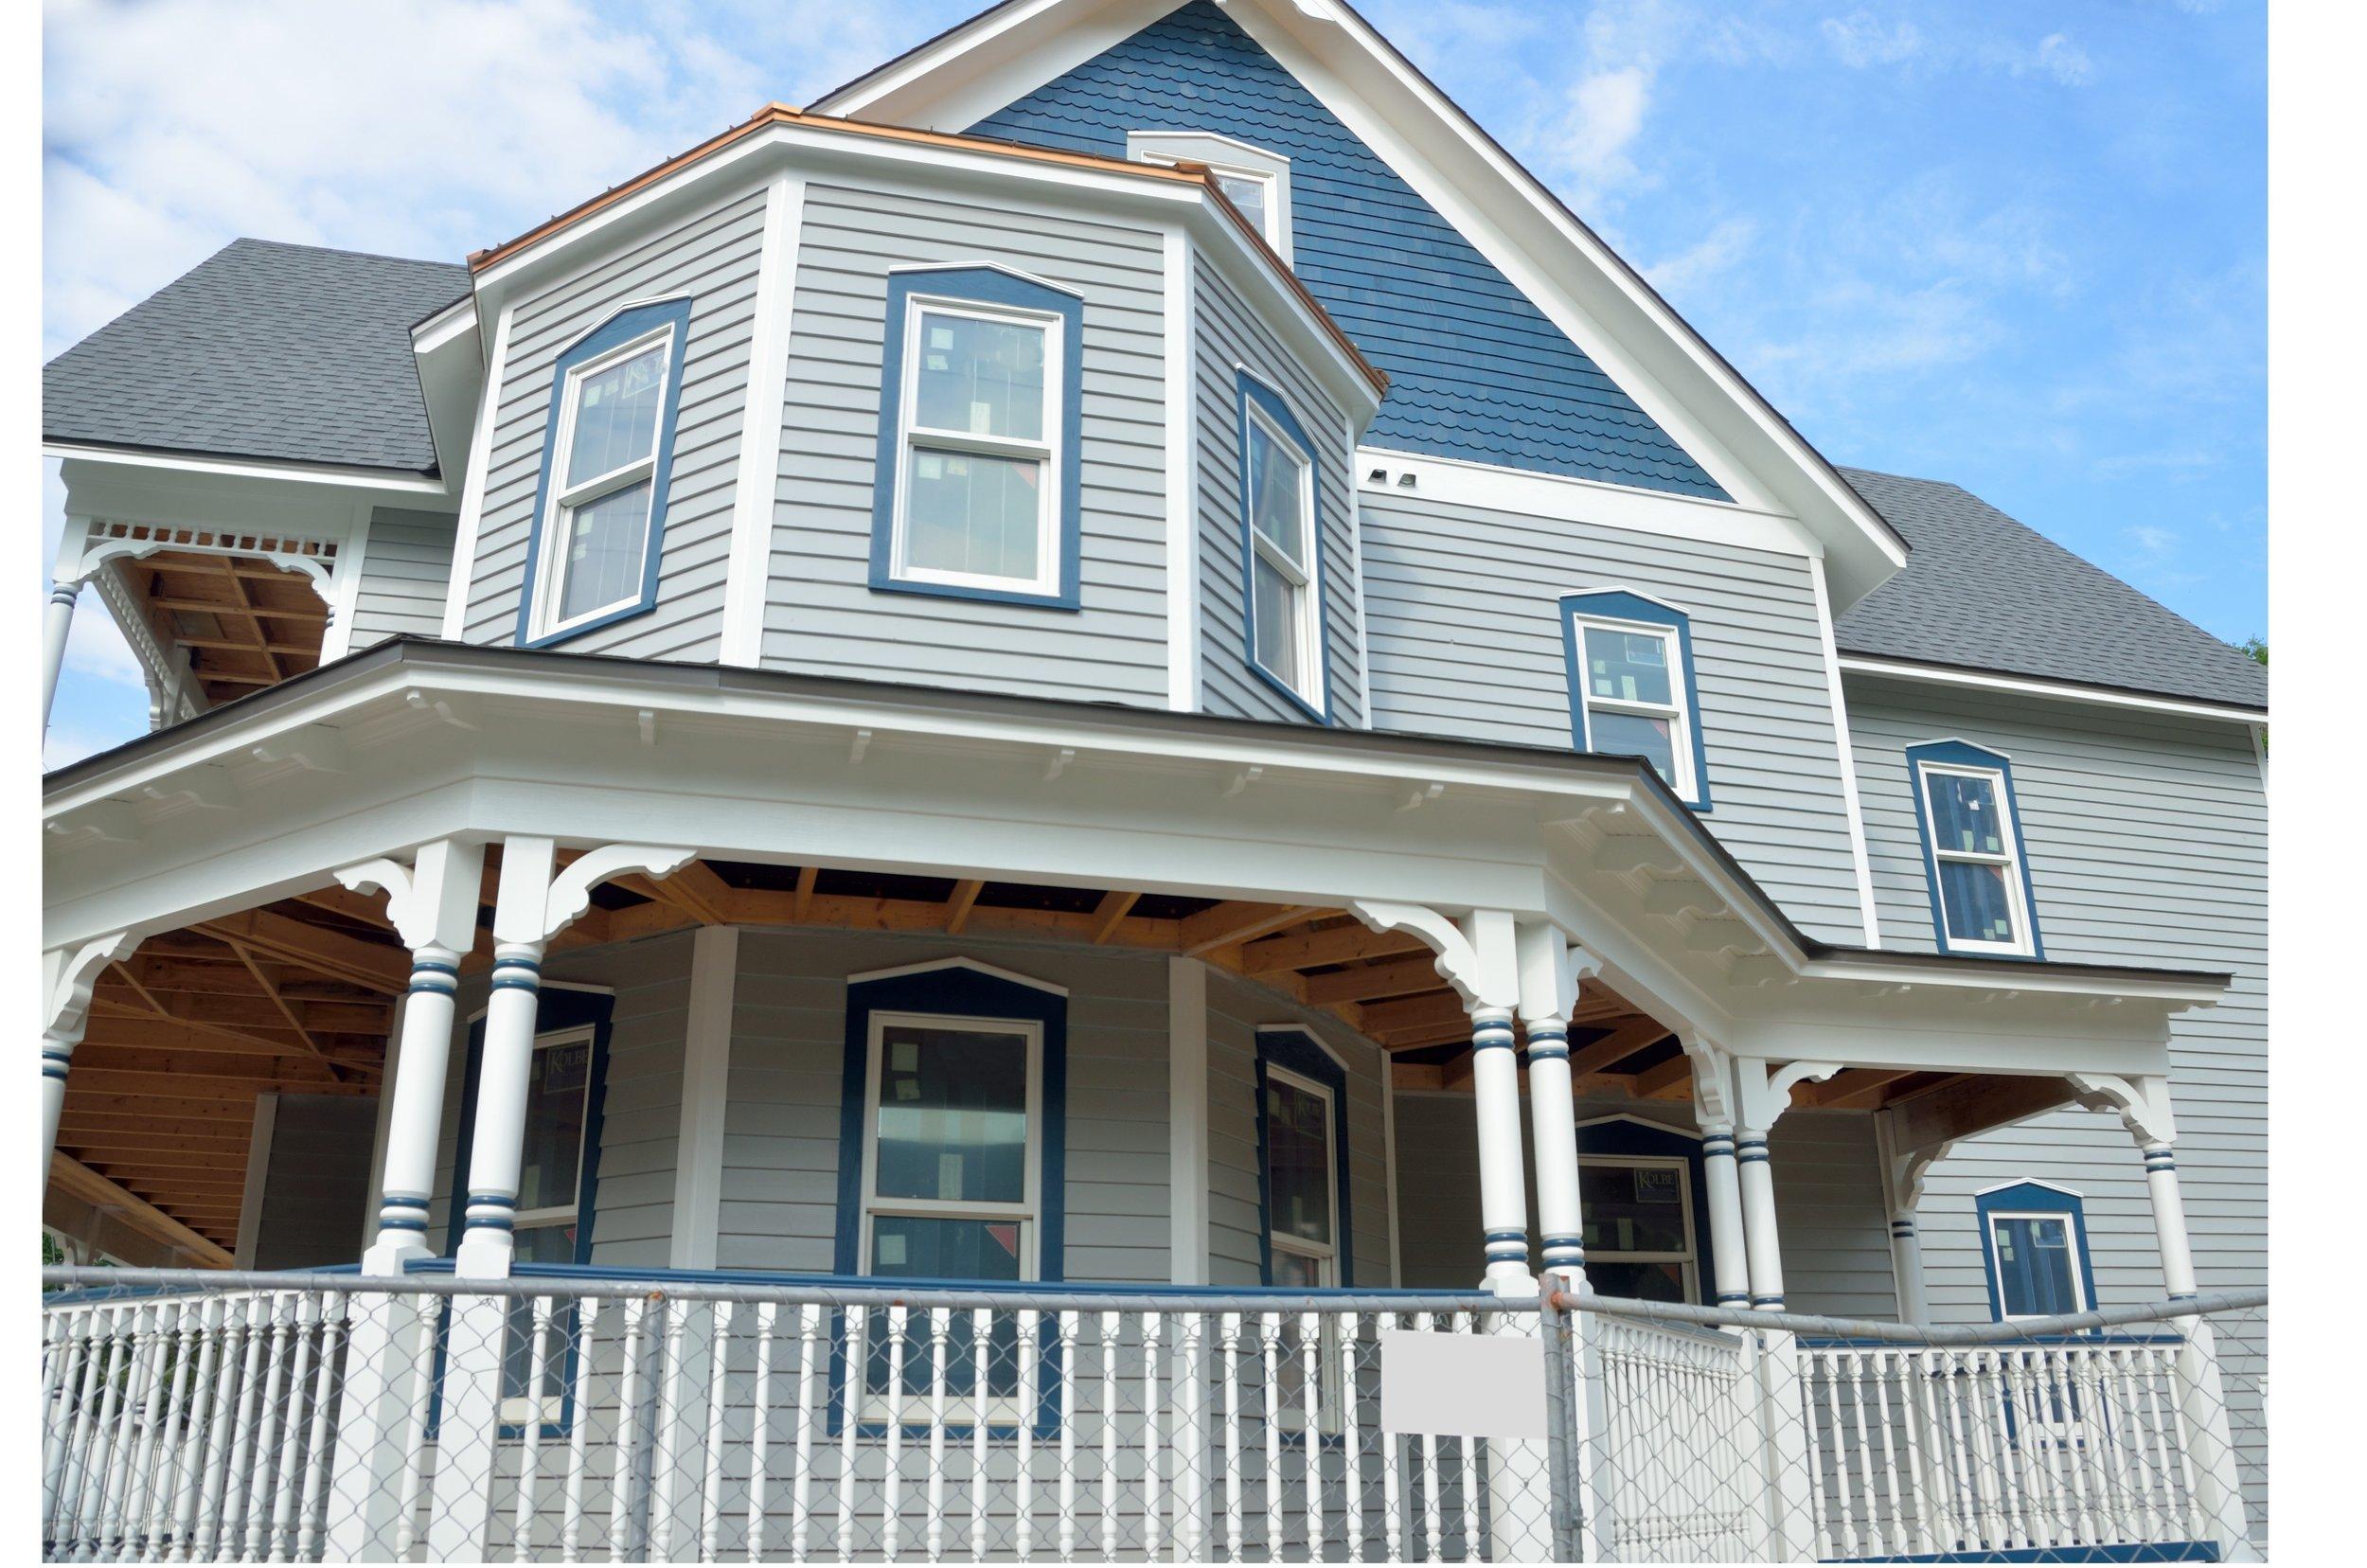 siding-Maple-Grove-exterior-home-design.jpg